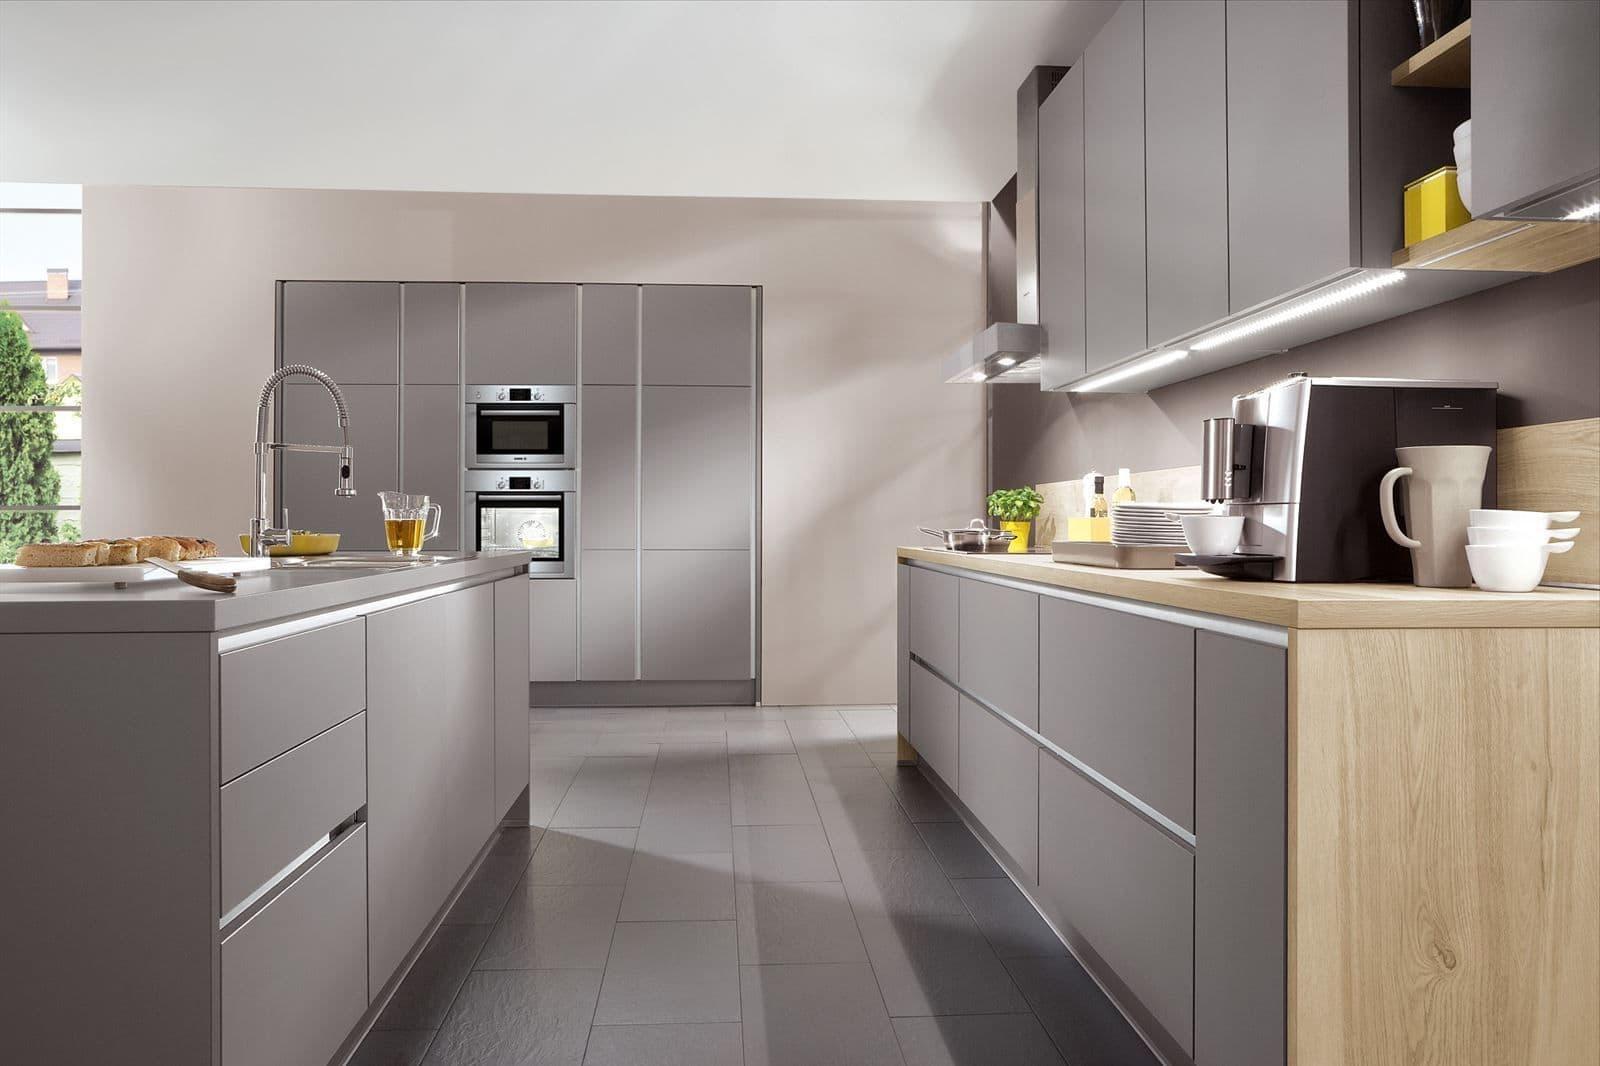 Une belle cuisine grise dans un style moderne